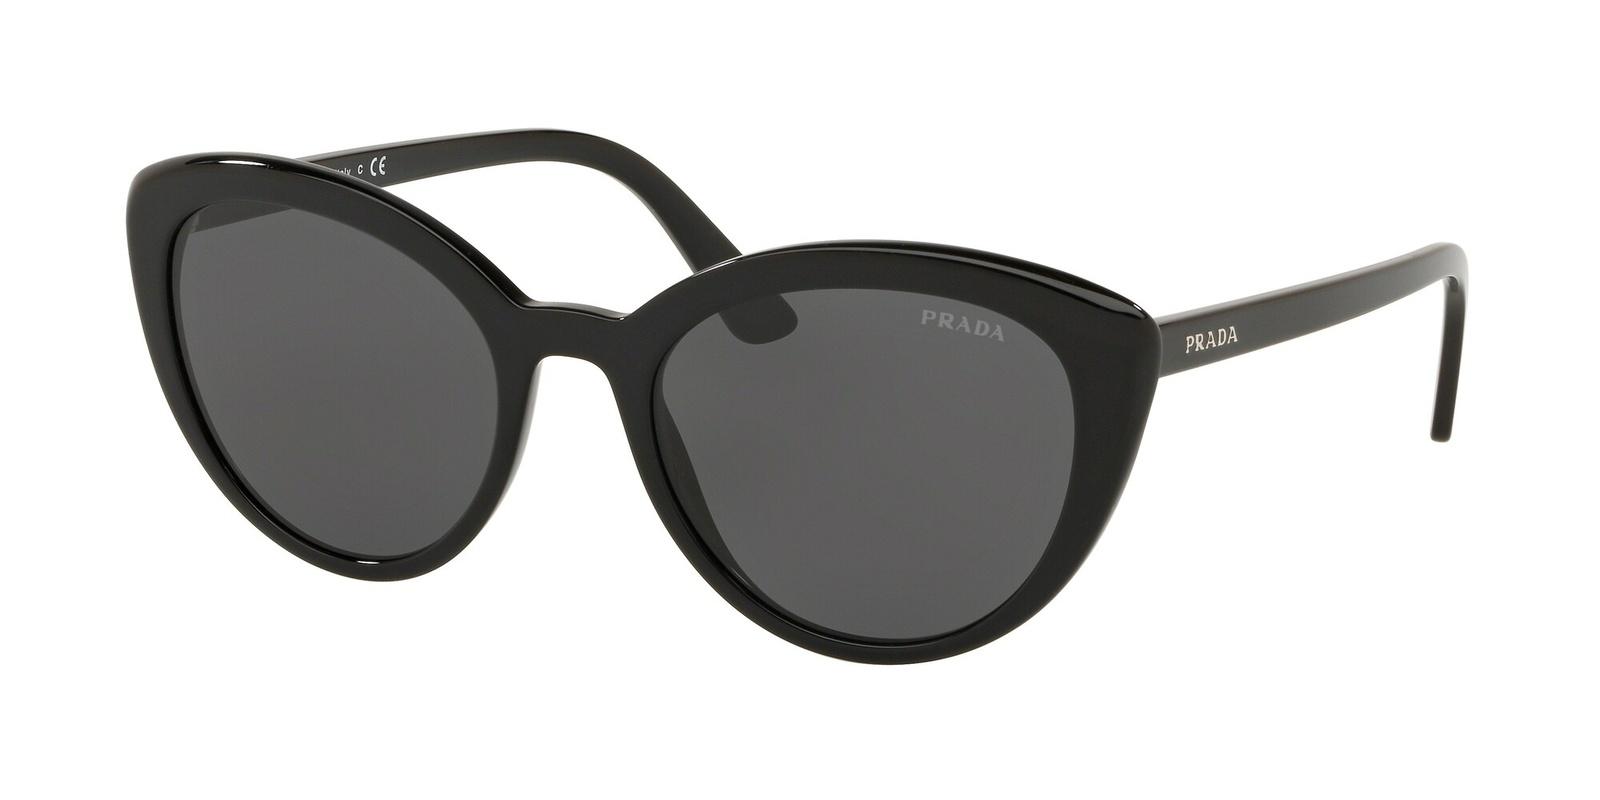 Prada PR 02VSF CONCEPTUAL sunglasses